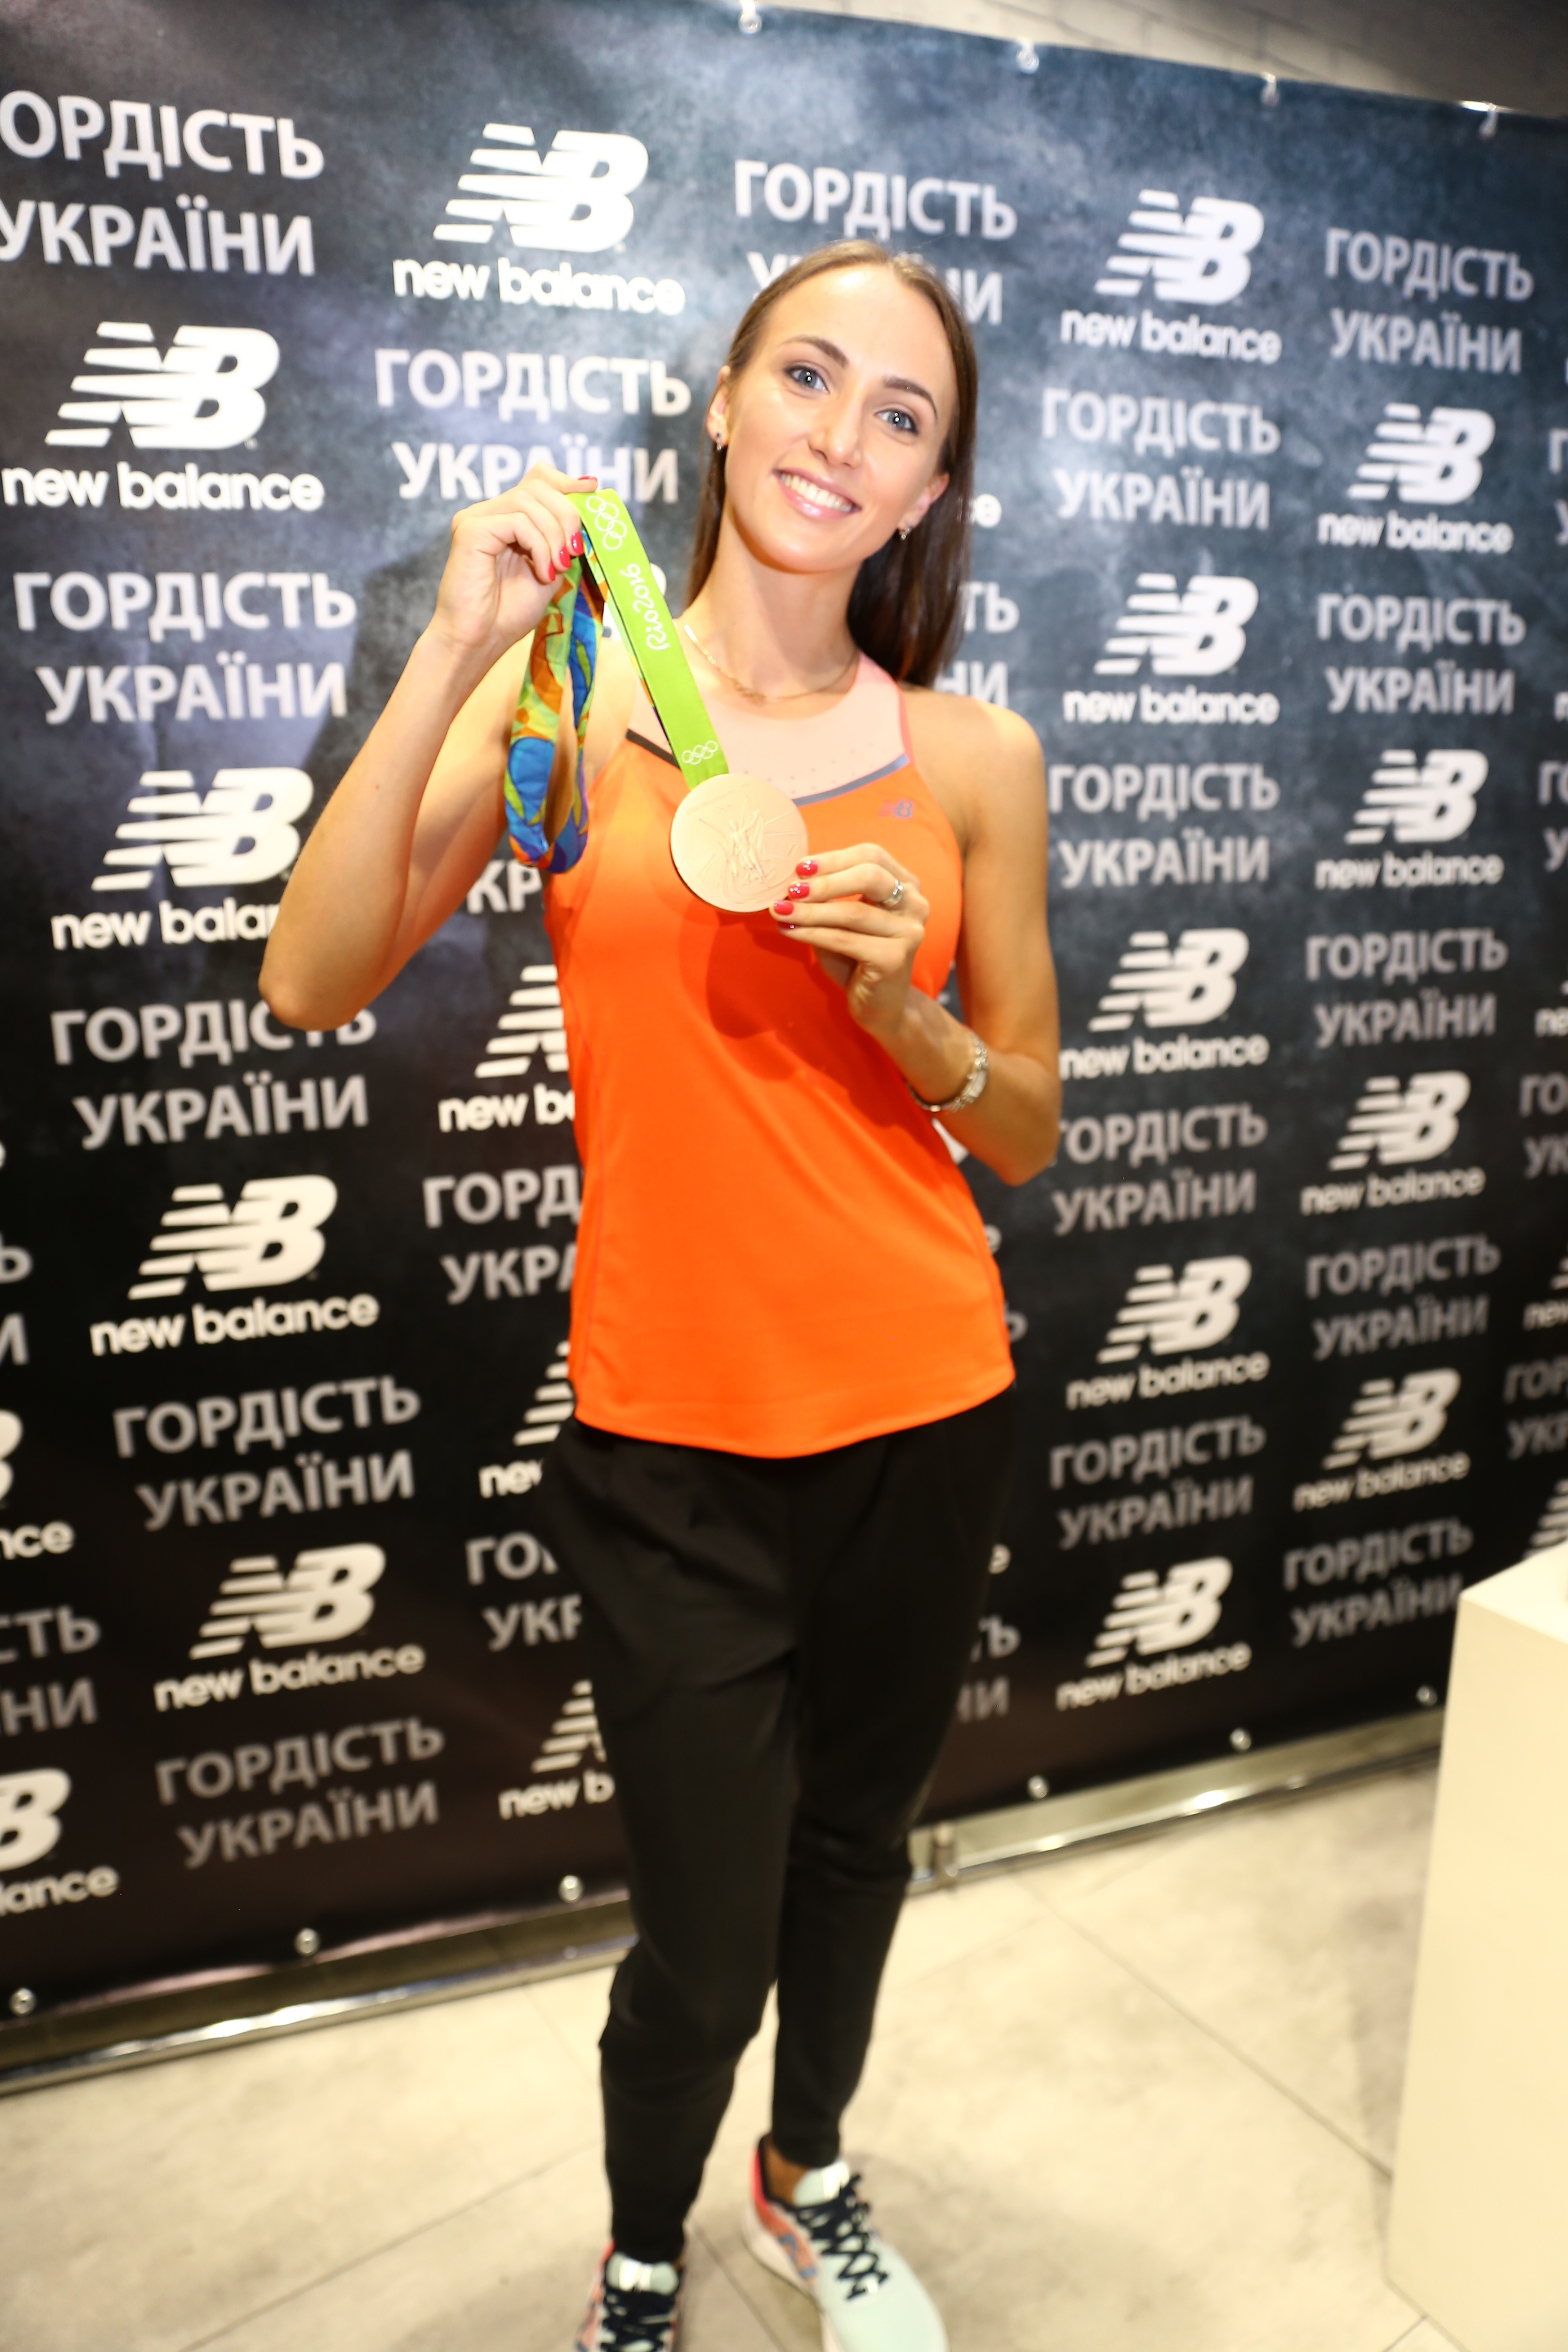 anna-rizatdinova-kogda-poymu-chto-gotova-prodolzhat-sportivnuyu-kareru-eto-budet222